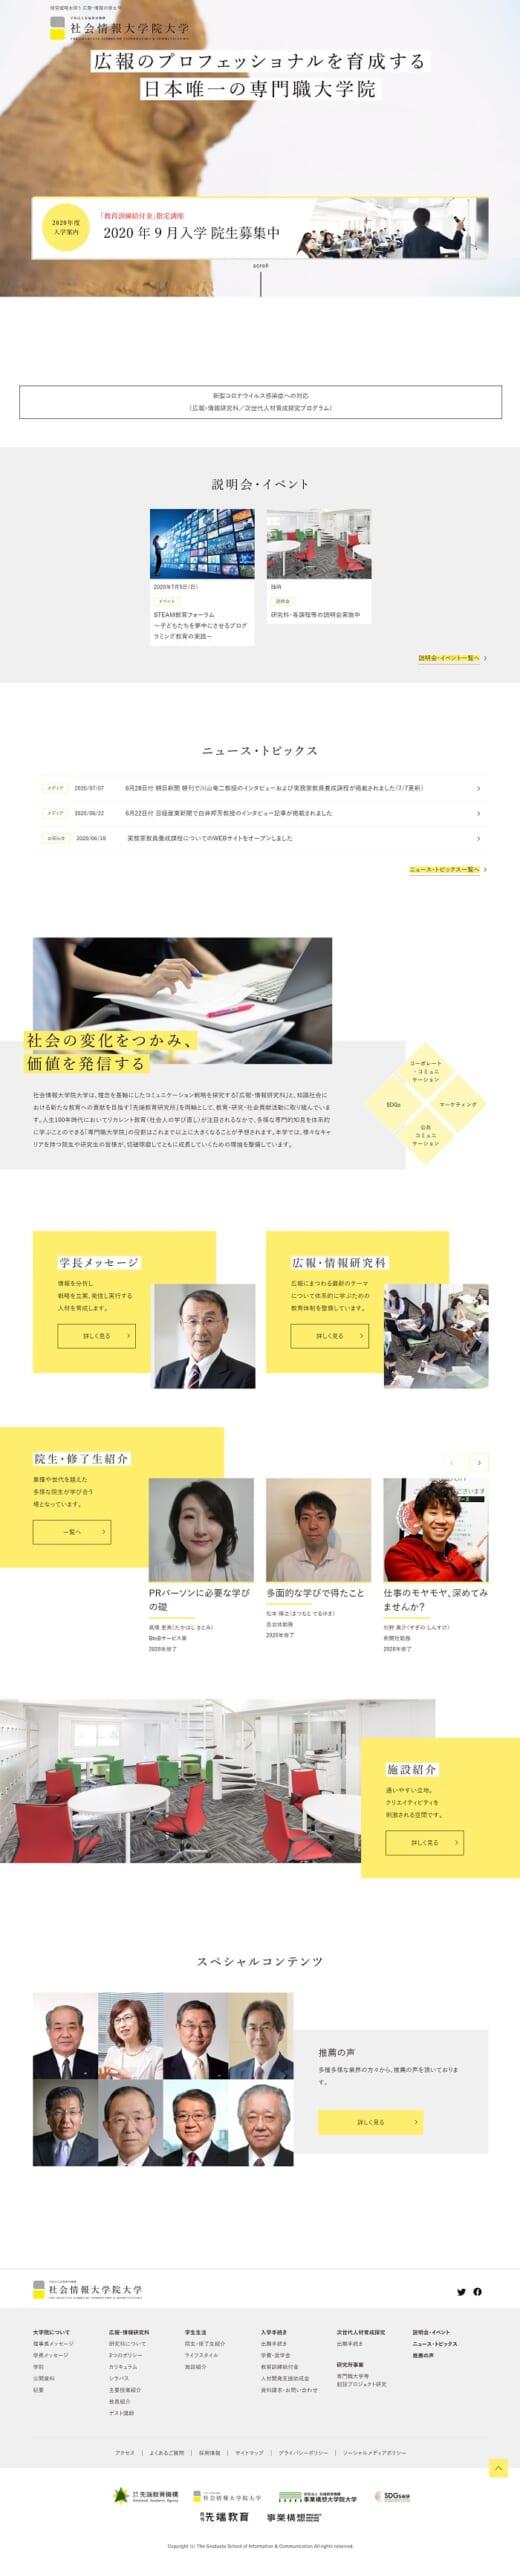 社会情報大学院大学 | 日本で唯一の広報・情報の専門職大学院